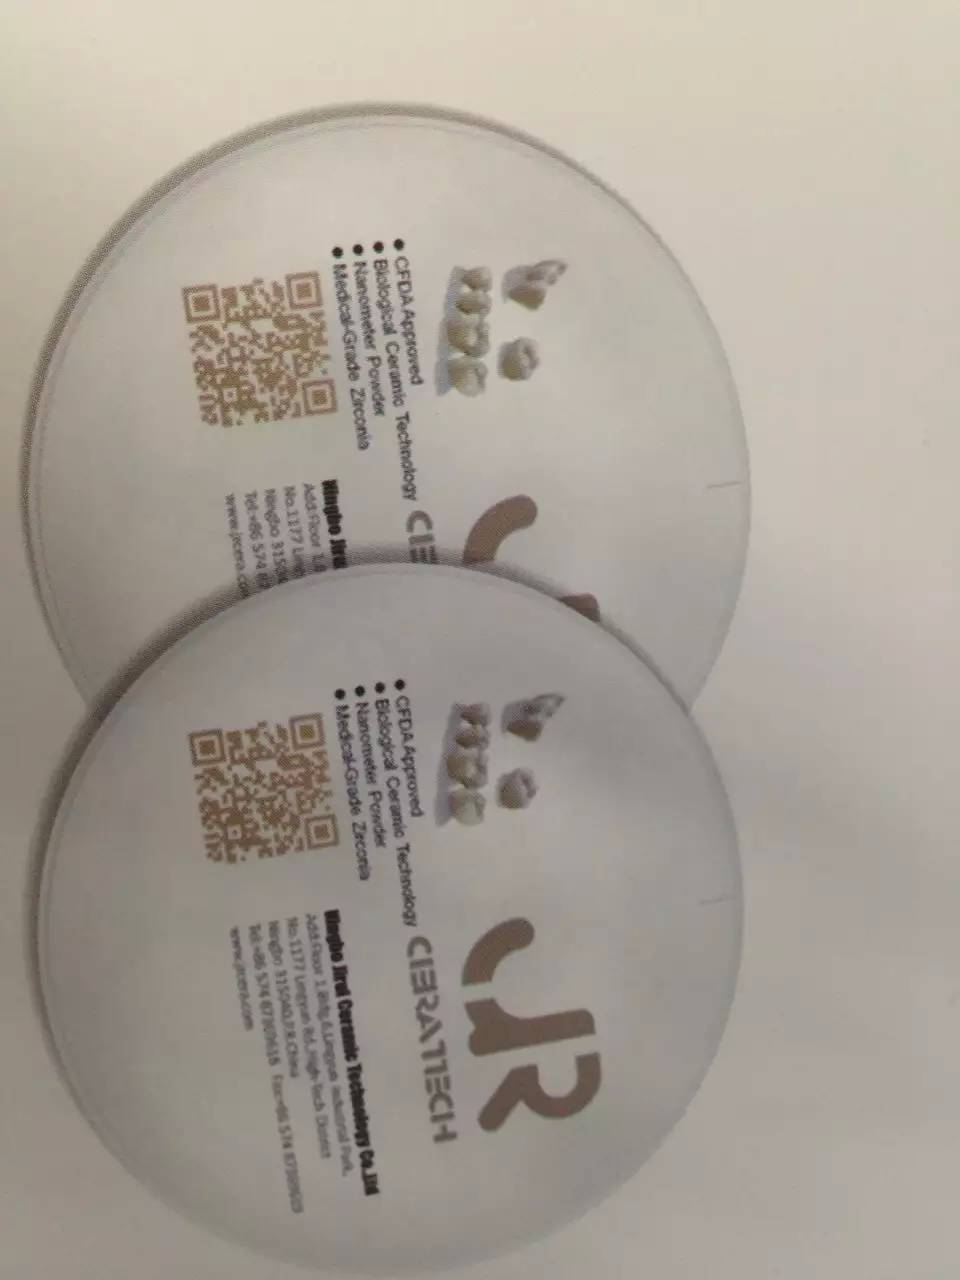 OD98mm*18mm Super Translucent Dental Zirconia Block Discs For Lab CADCAM